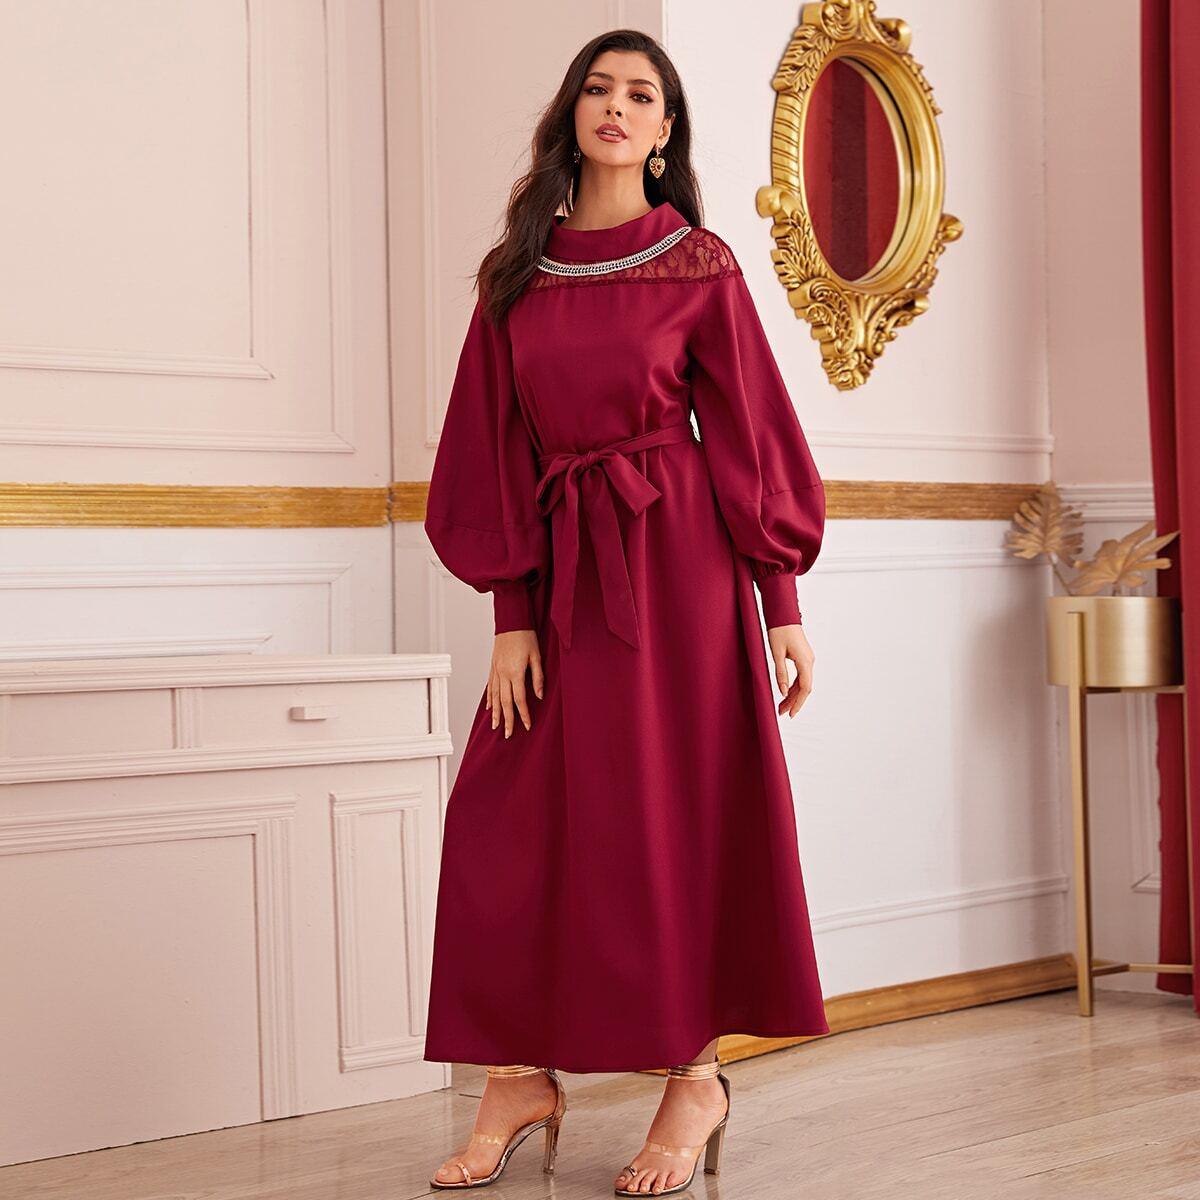 Bordeaux Elegant Vlak Arabische Kleding Zeeg